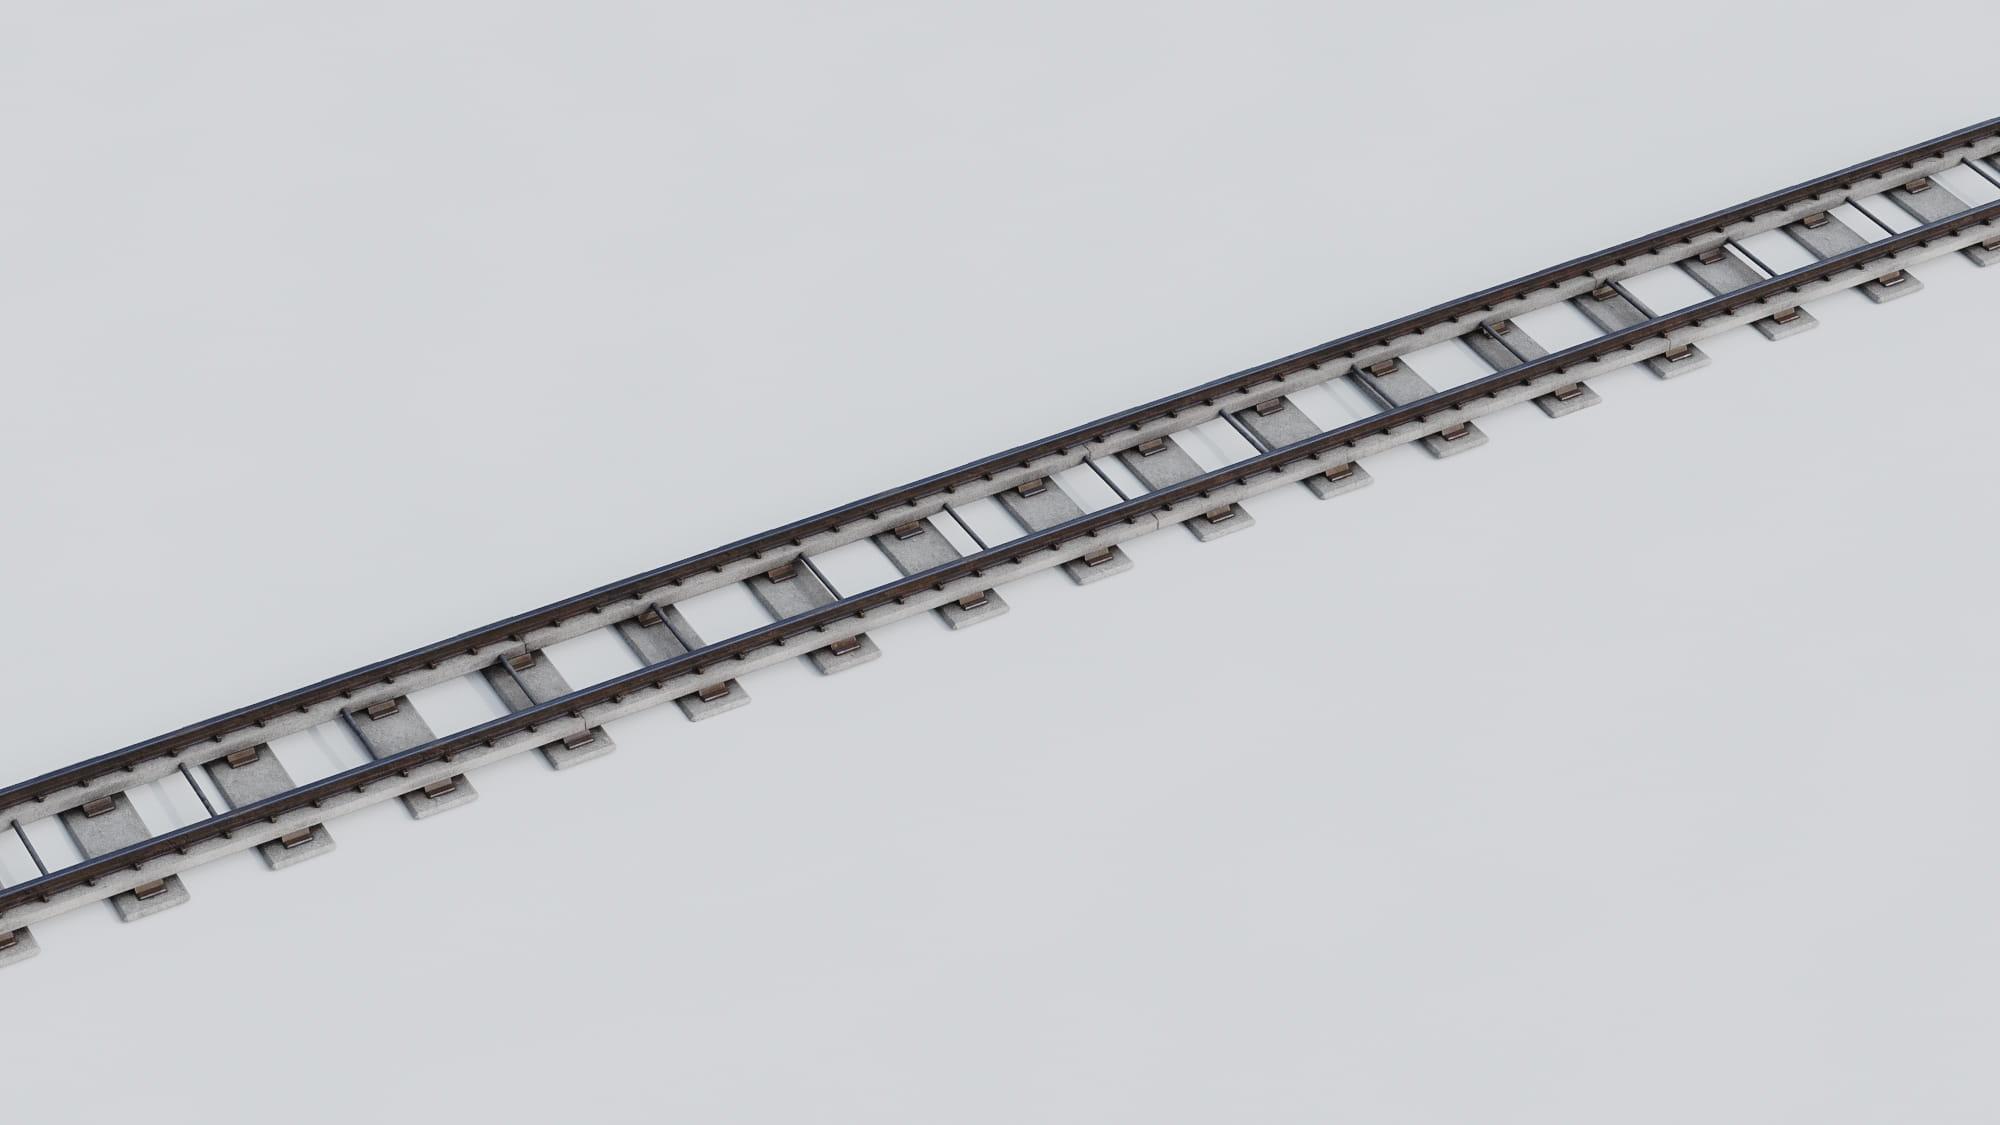 railway tracks 26 AM223 Archmodels